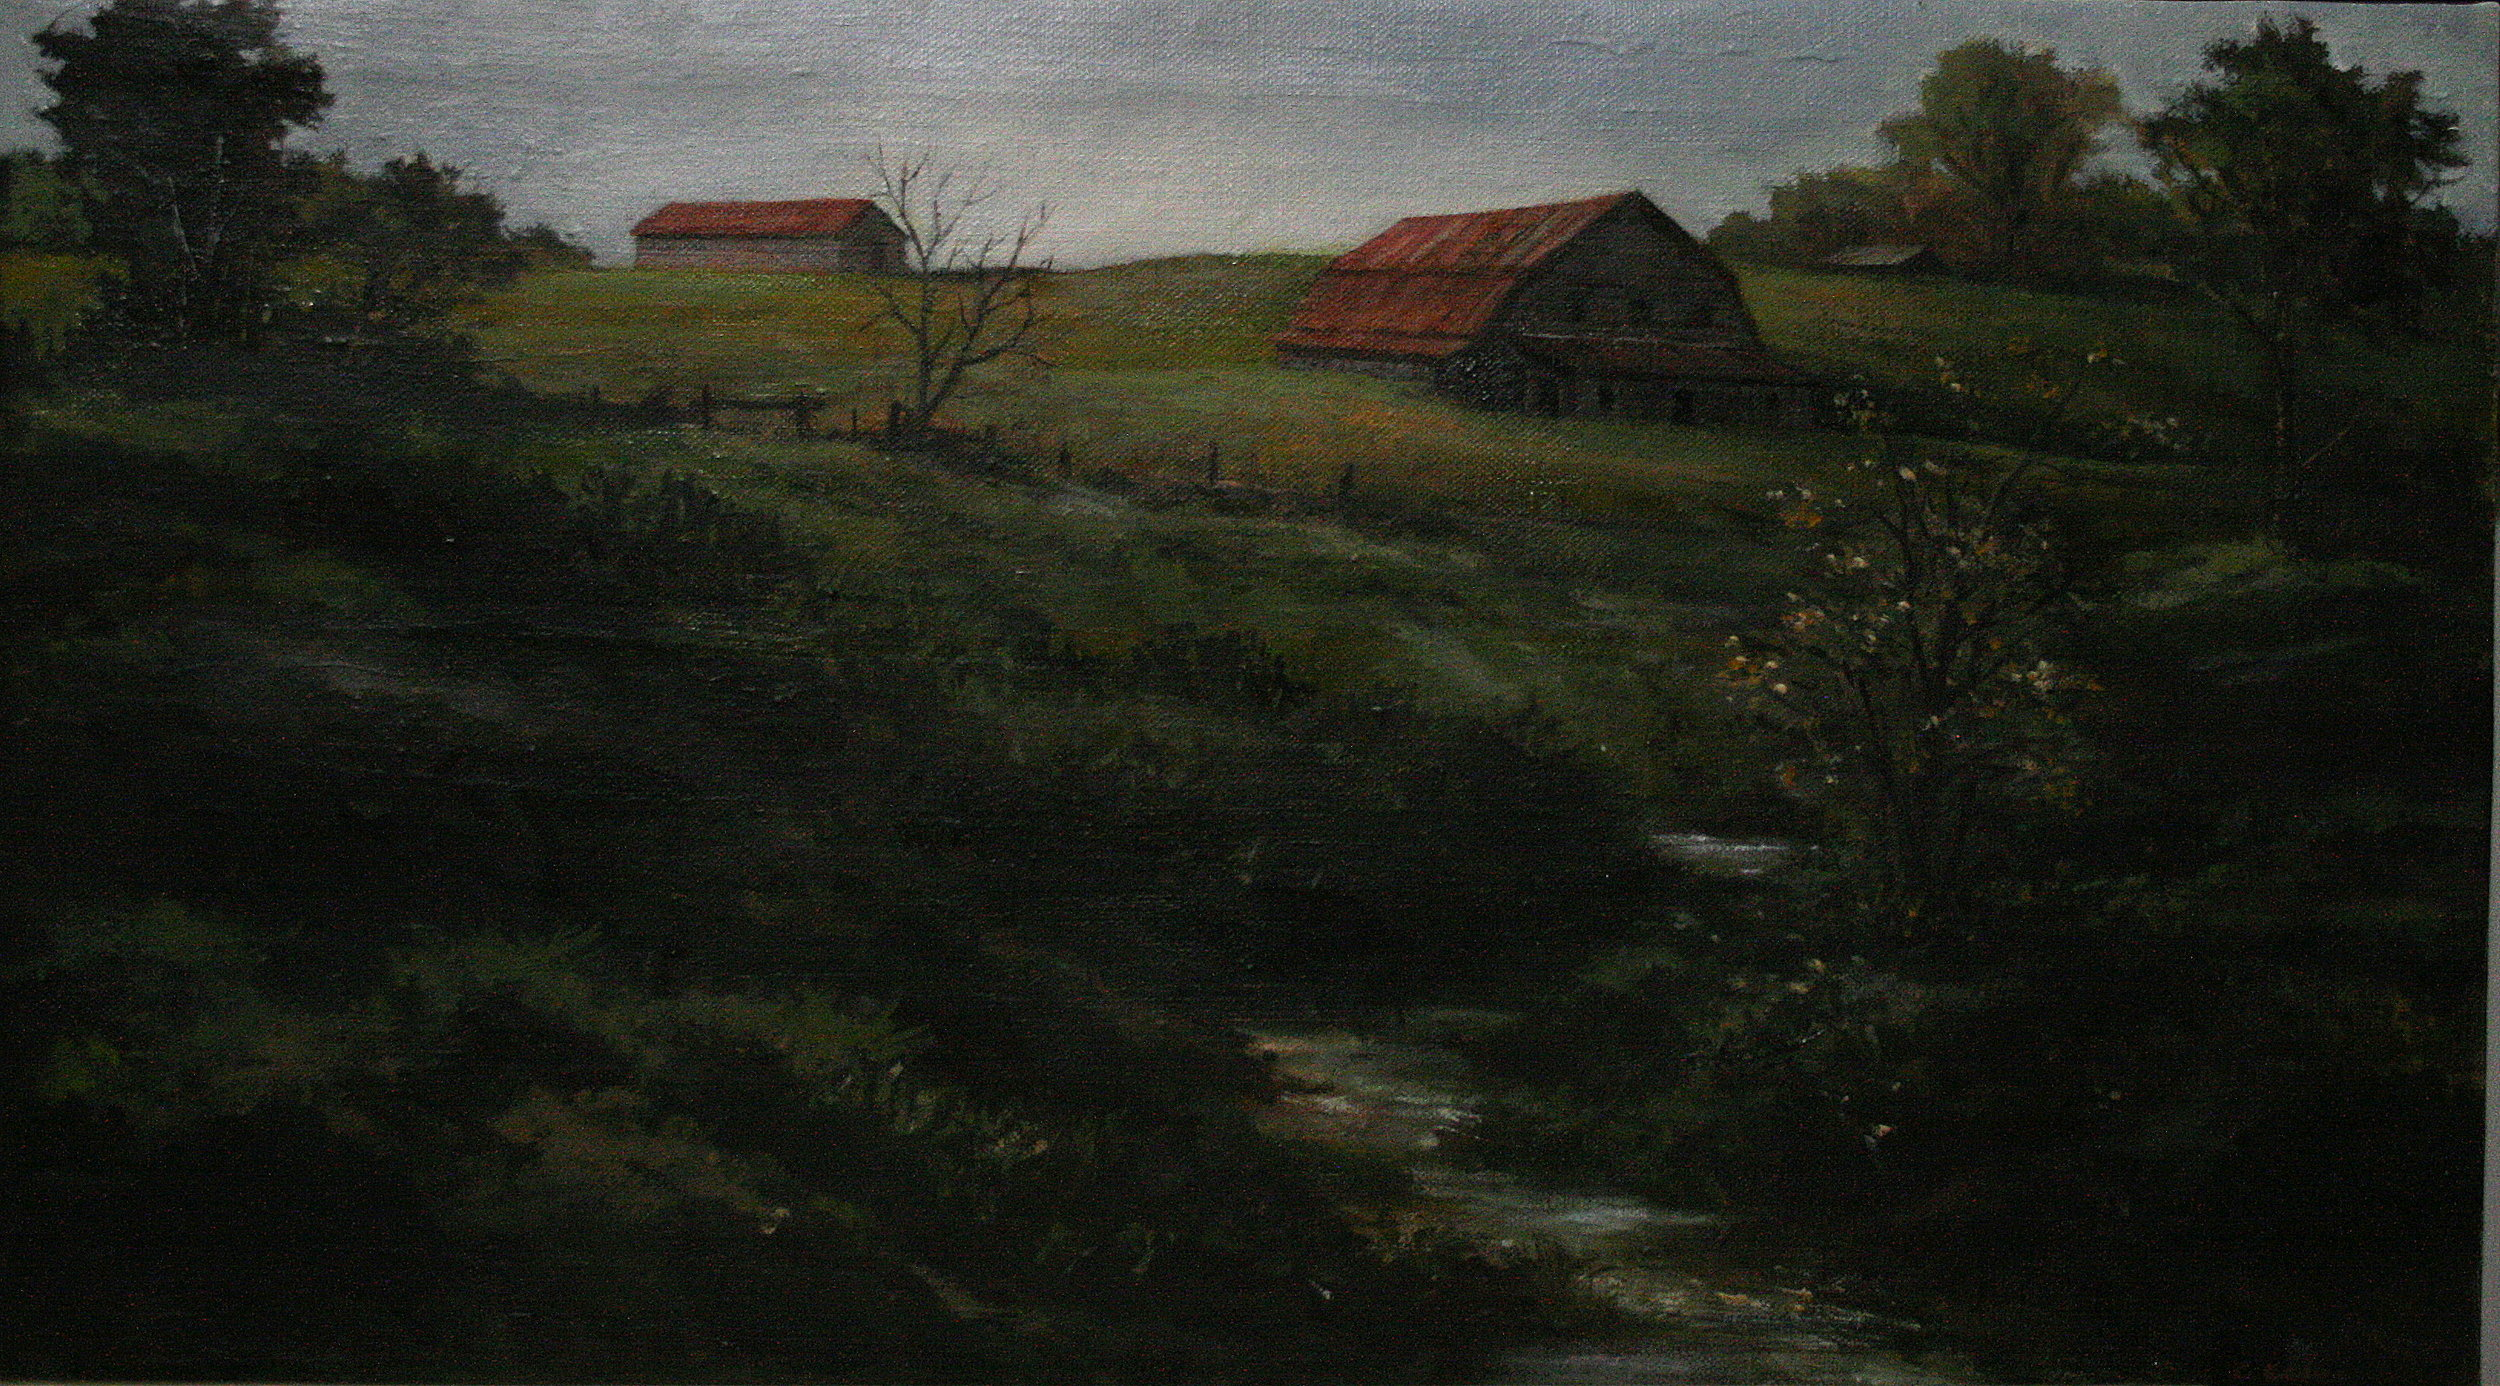 West Jefferson Farm